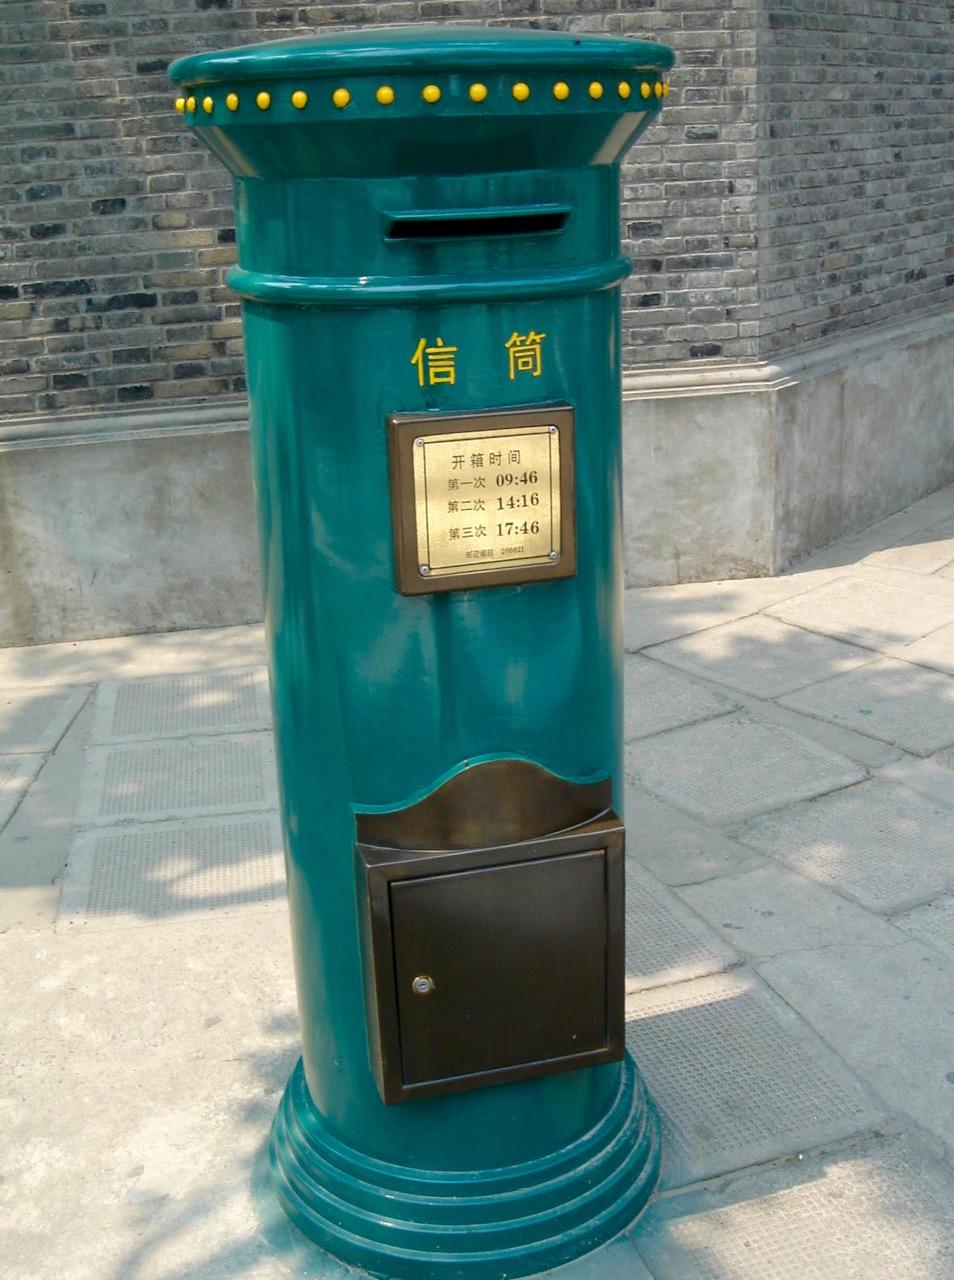 Chinese Mailbox  Photo: Calvin Wood